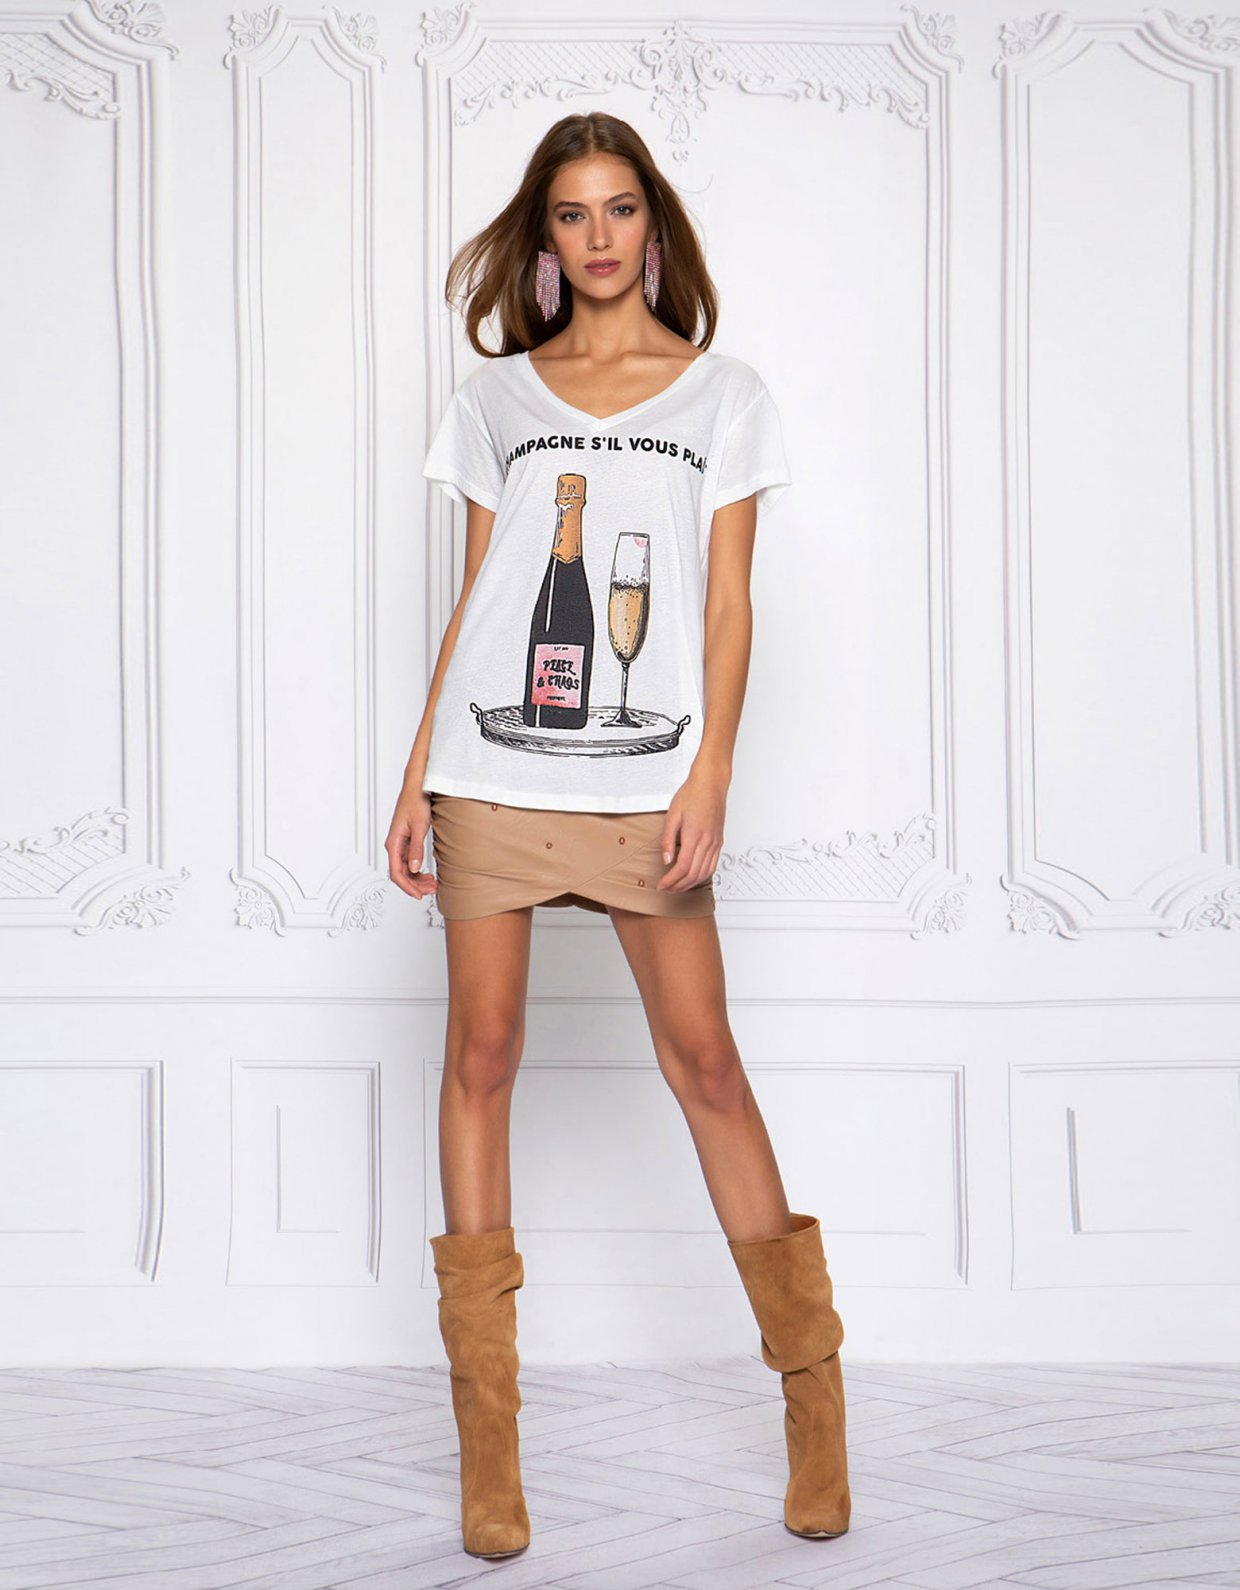 Peace & Chaos Champagne s'ilvous plait t-shirt